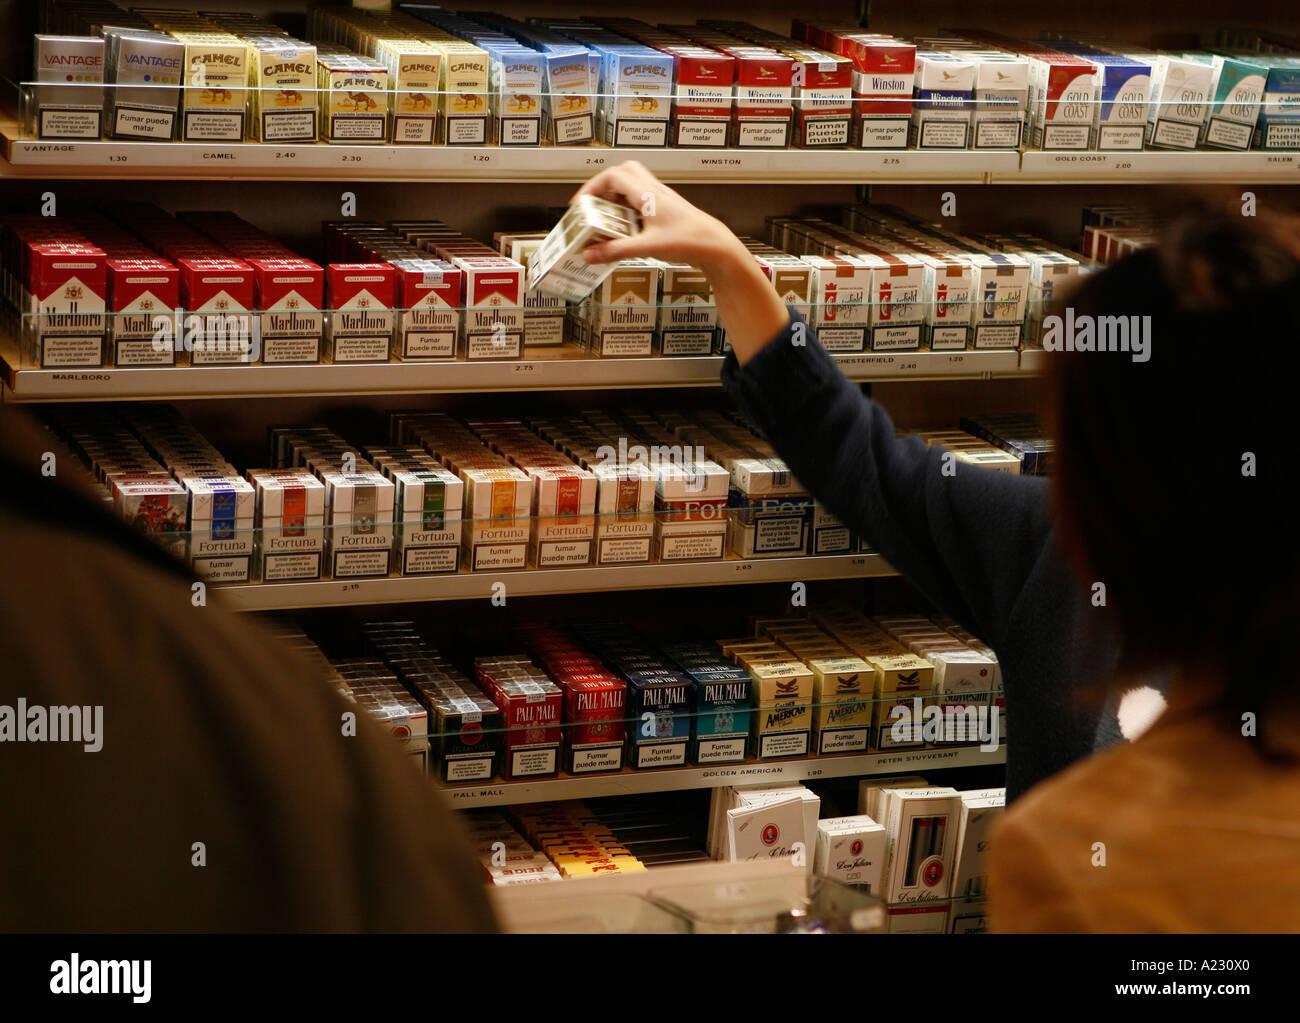 Buy Vogue cigarettes Alaska